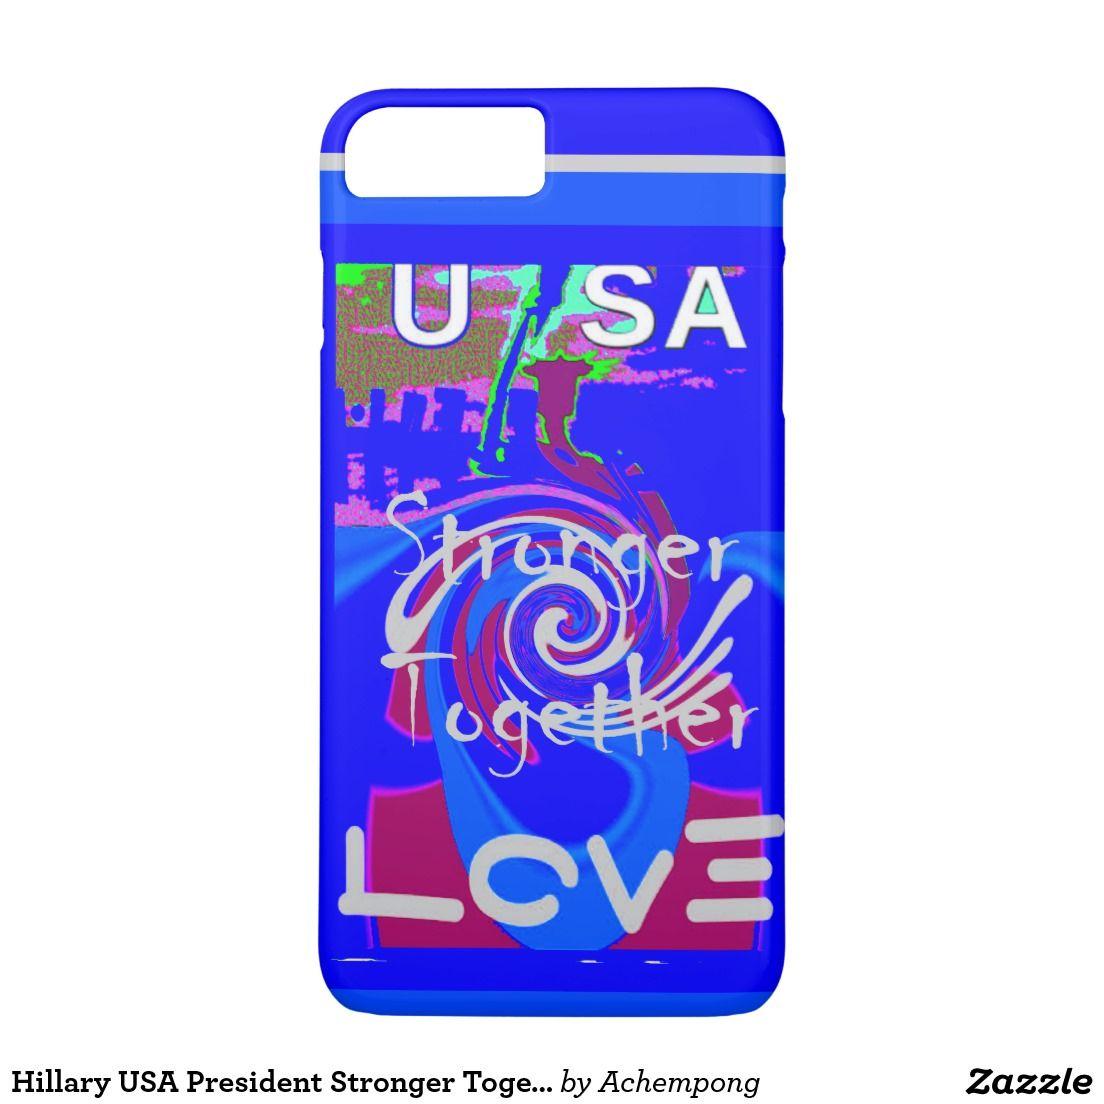 Hillary USA President Stronger Together spirit #Hillary #USA President Stronger Together spirit